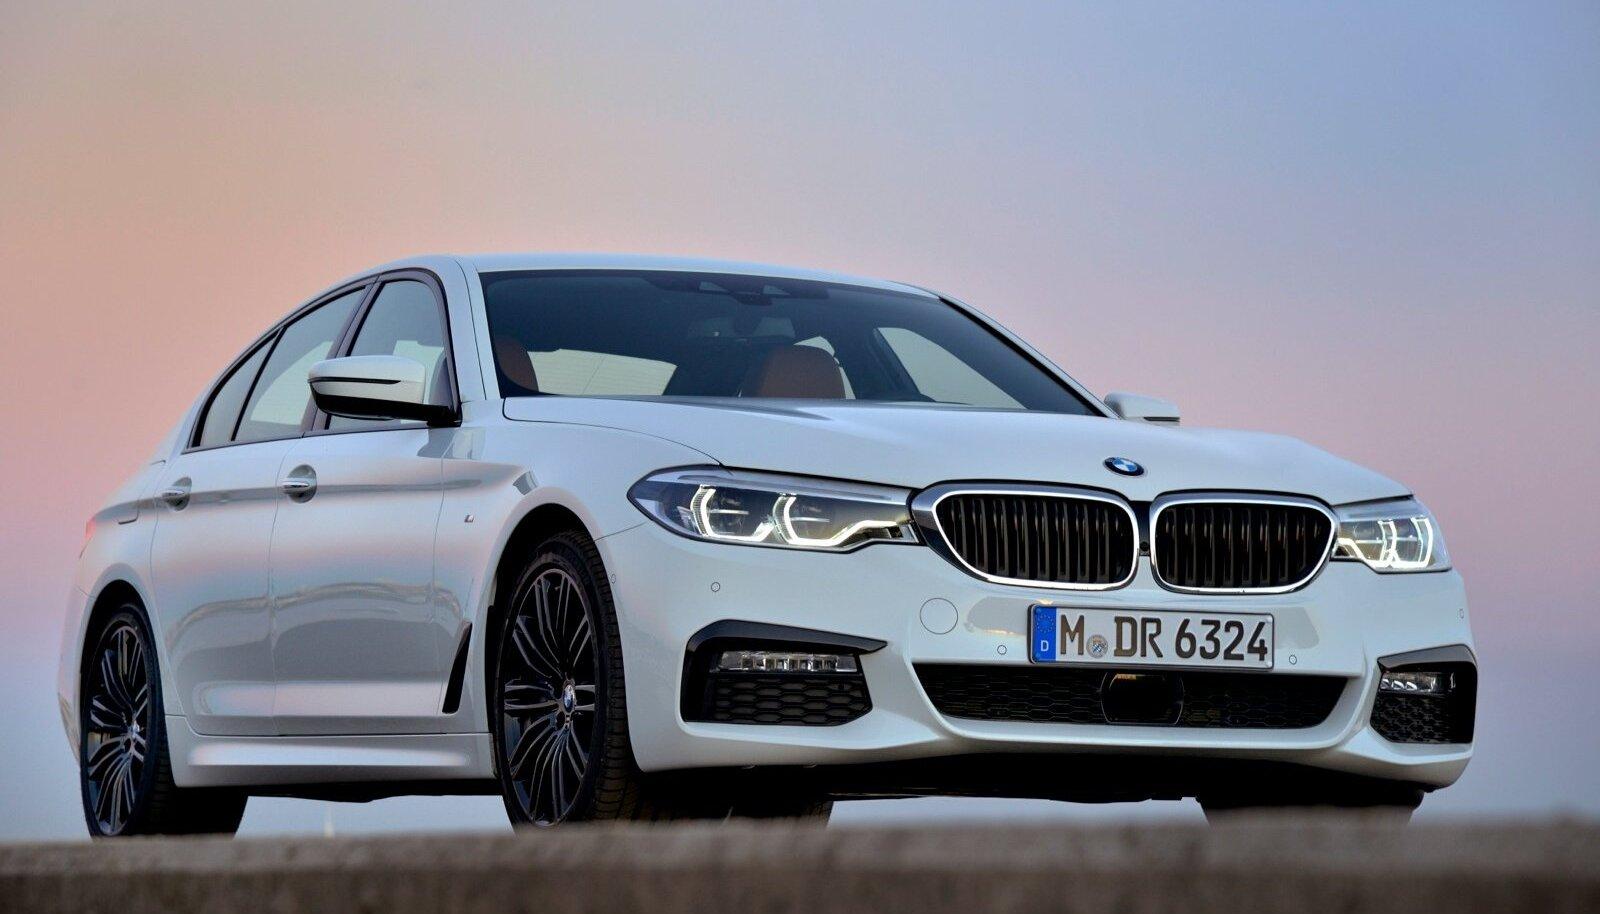 5. seeria BMW-d peetakse premium-klassi autode juhitavuse mõõdupuuks ja sportlike sedaanide etaloniks. Uus 5. seeria rihib sedasama, kuid pakub juurde senisest rohkem luksust ja nutikaid abimehi.